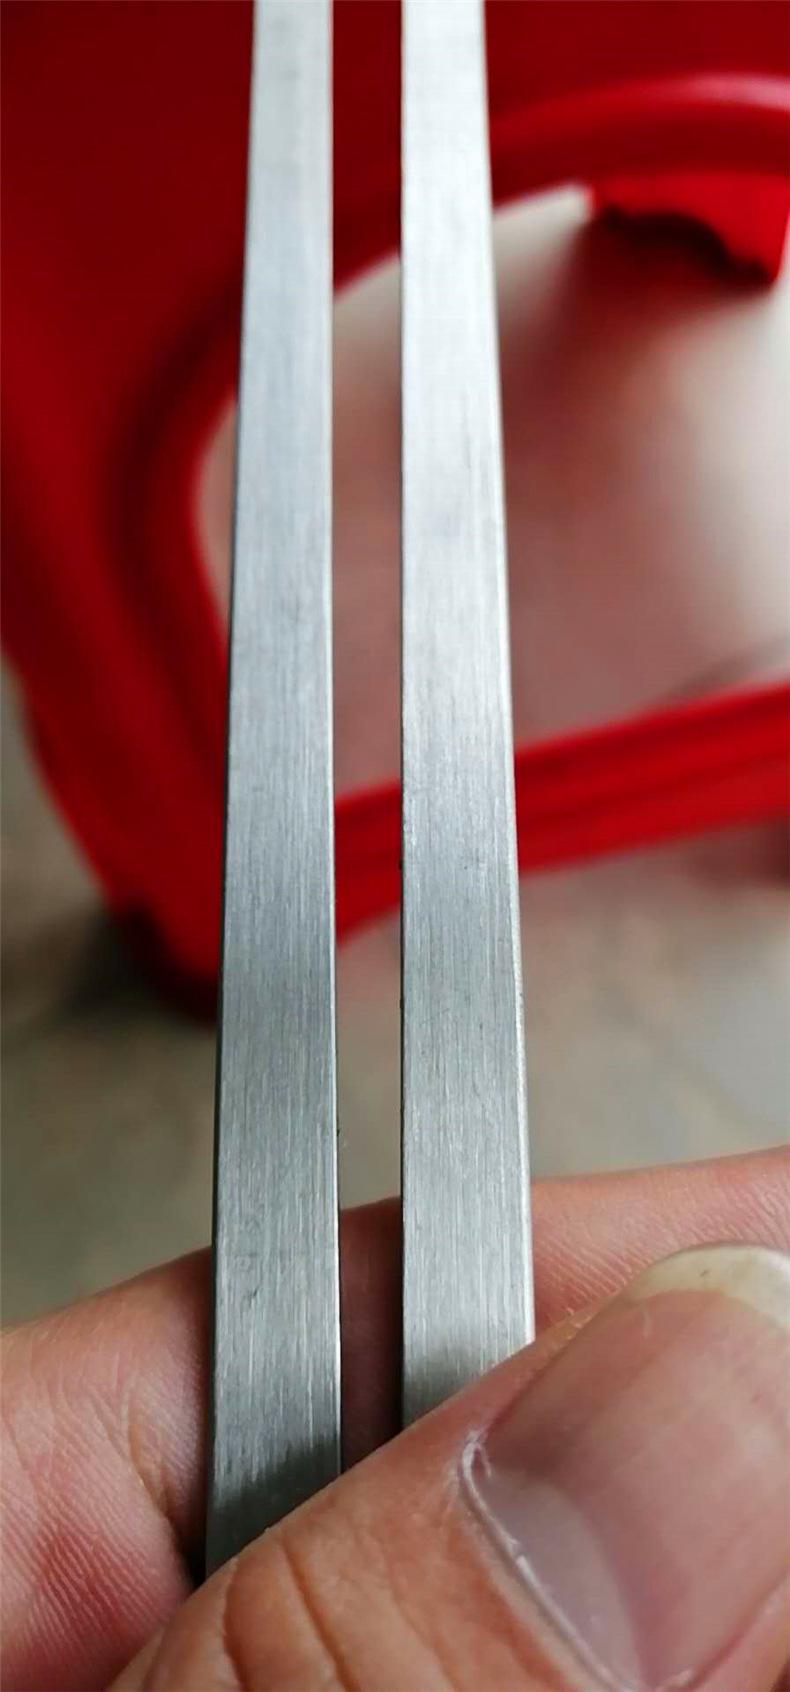 镜面玫瑰金T型条瓷砖收边条嵌入式钛金装饰条软包线条  厂家定制示例图17